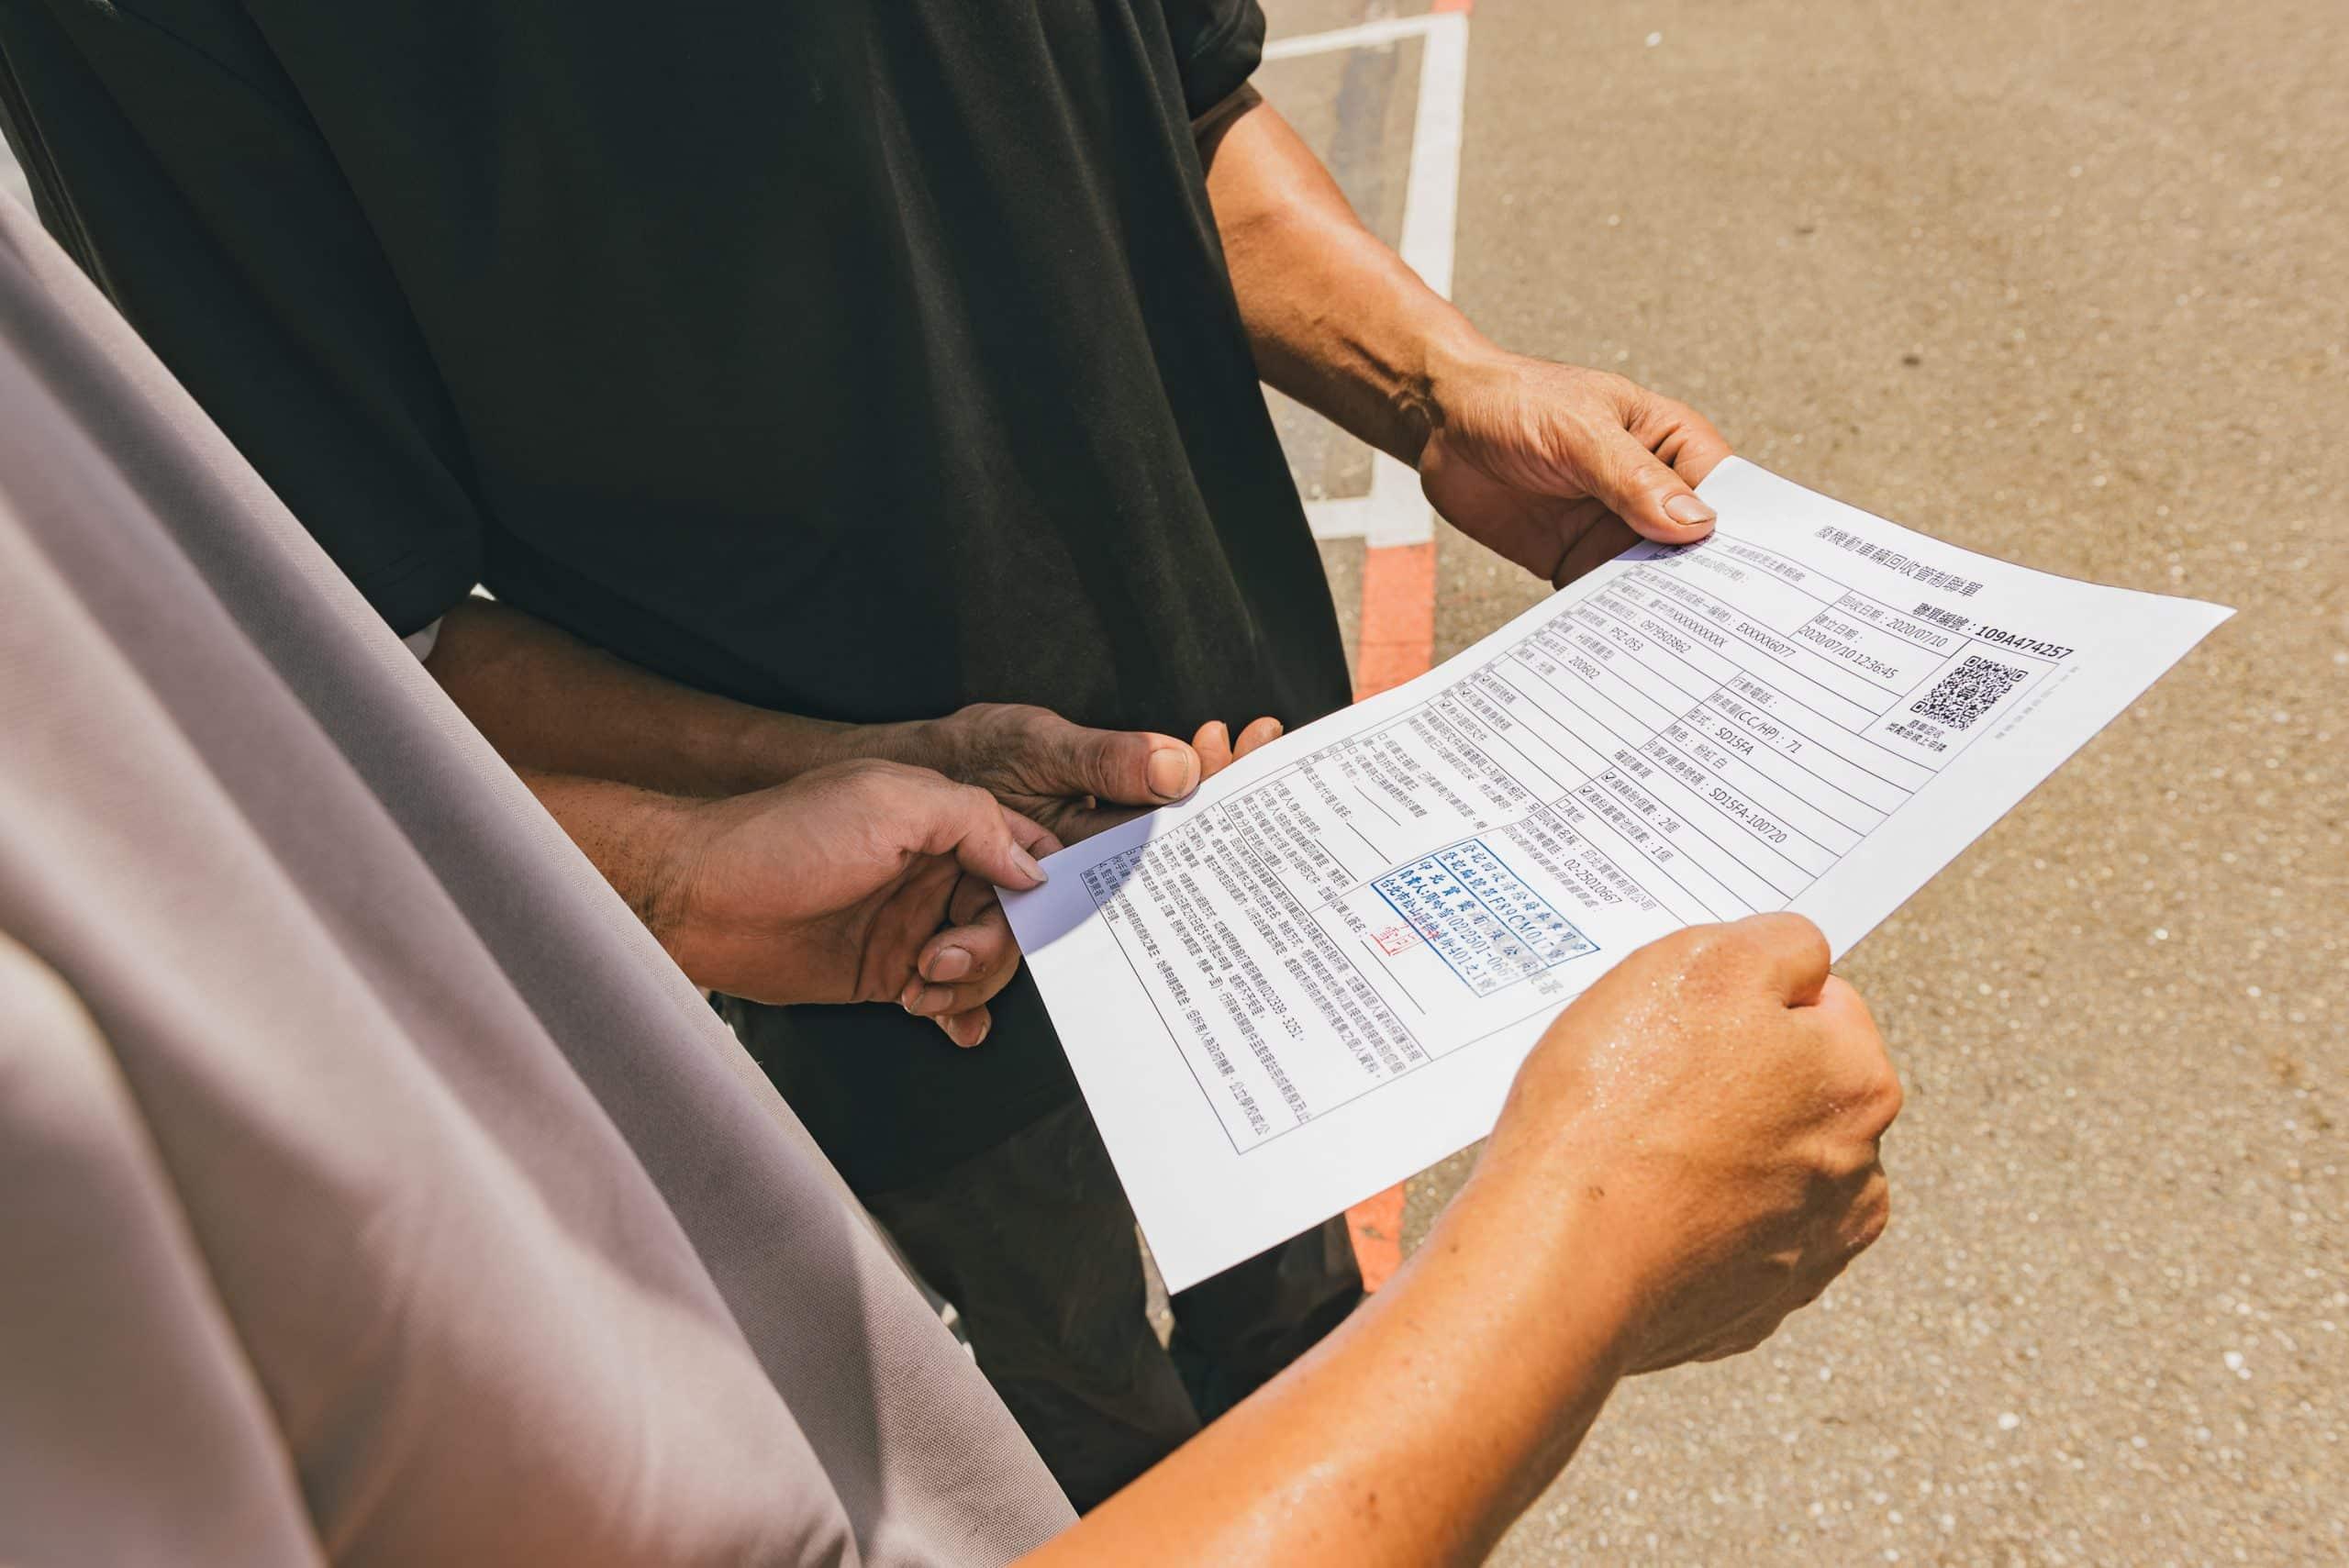 汽車報廢流程怎麼跑?準備資料、證件、補助條款,一次告訴你!